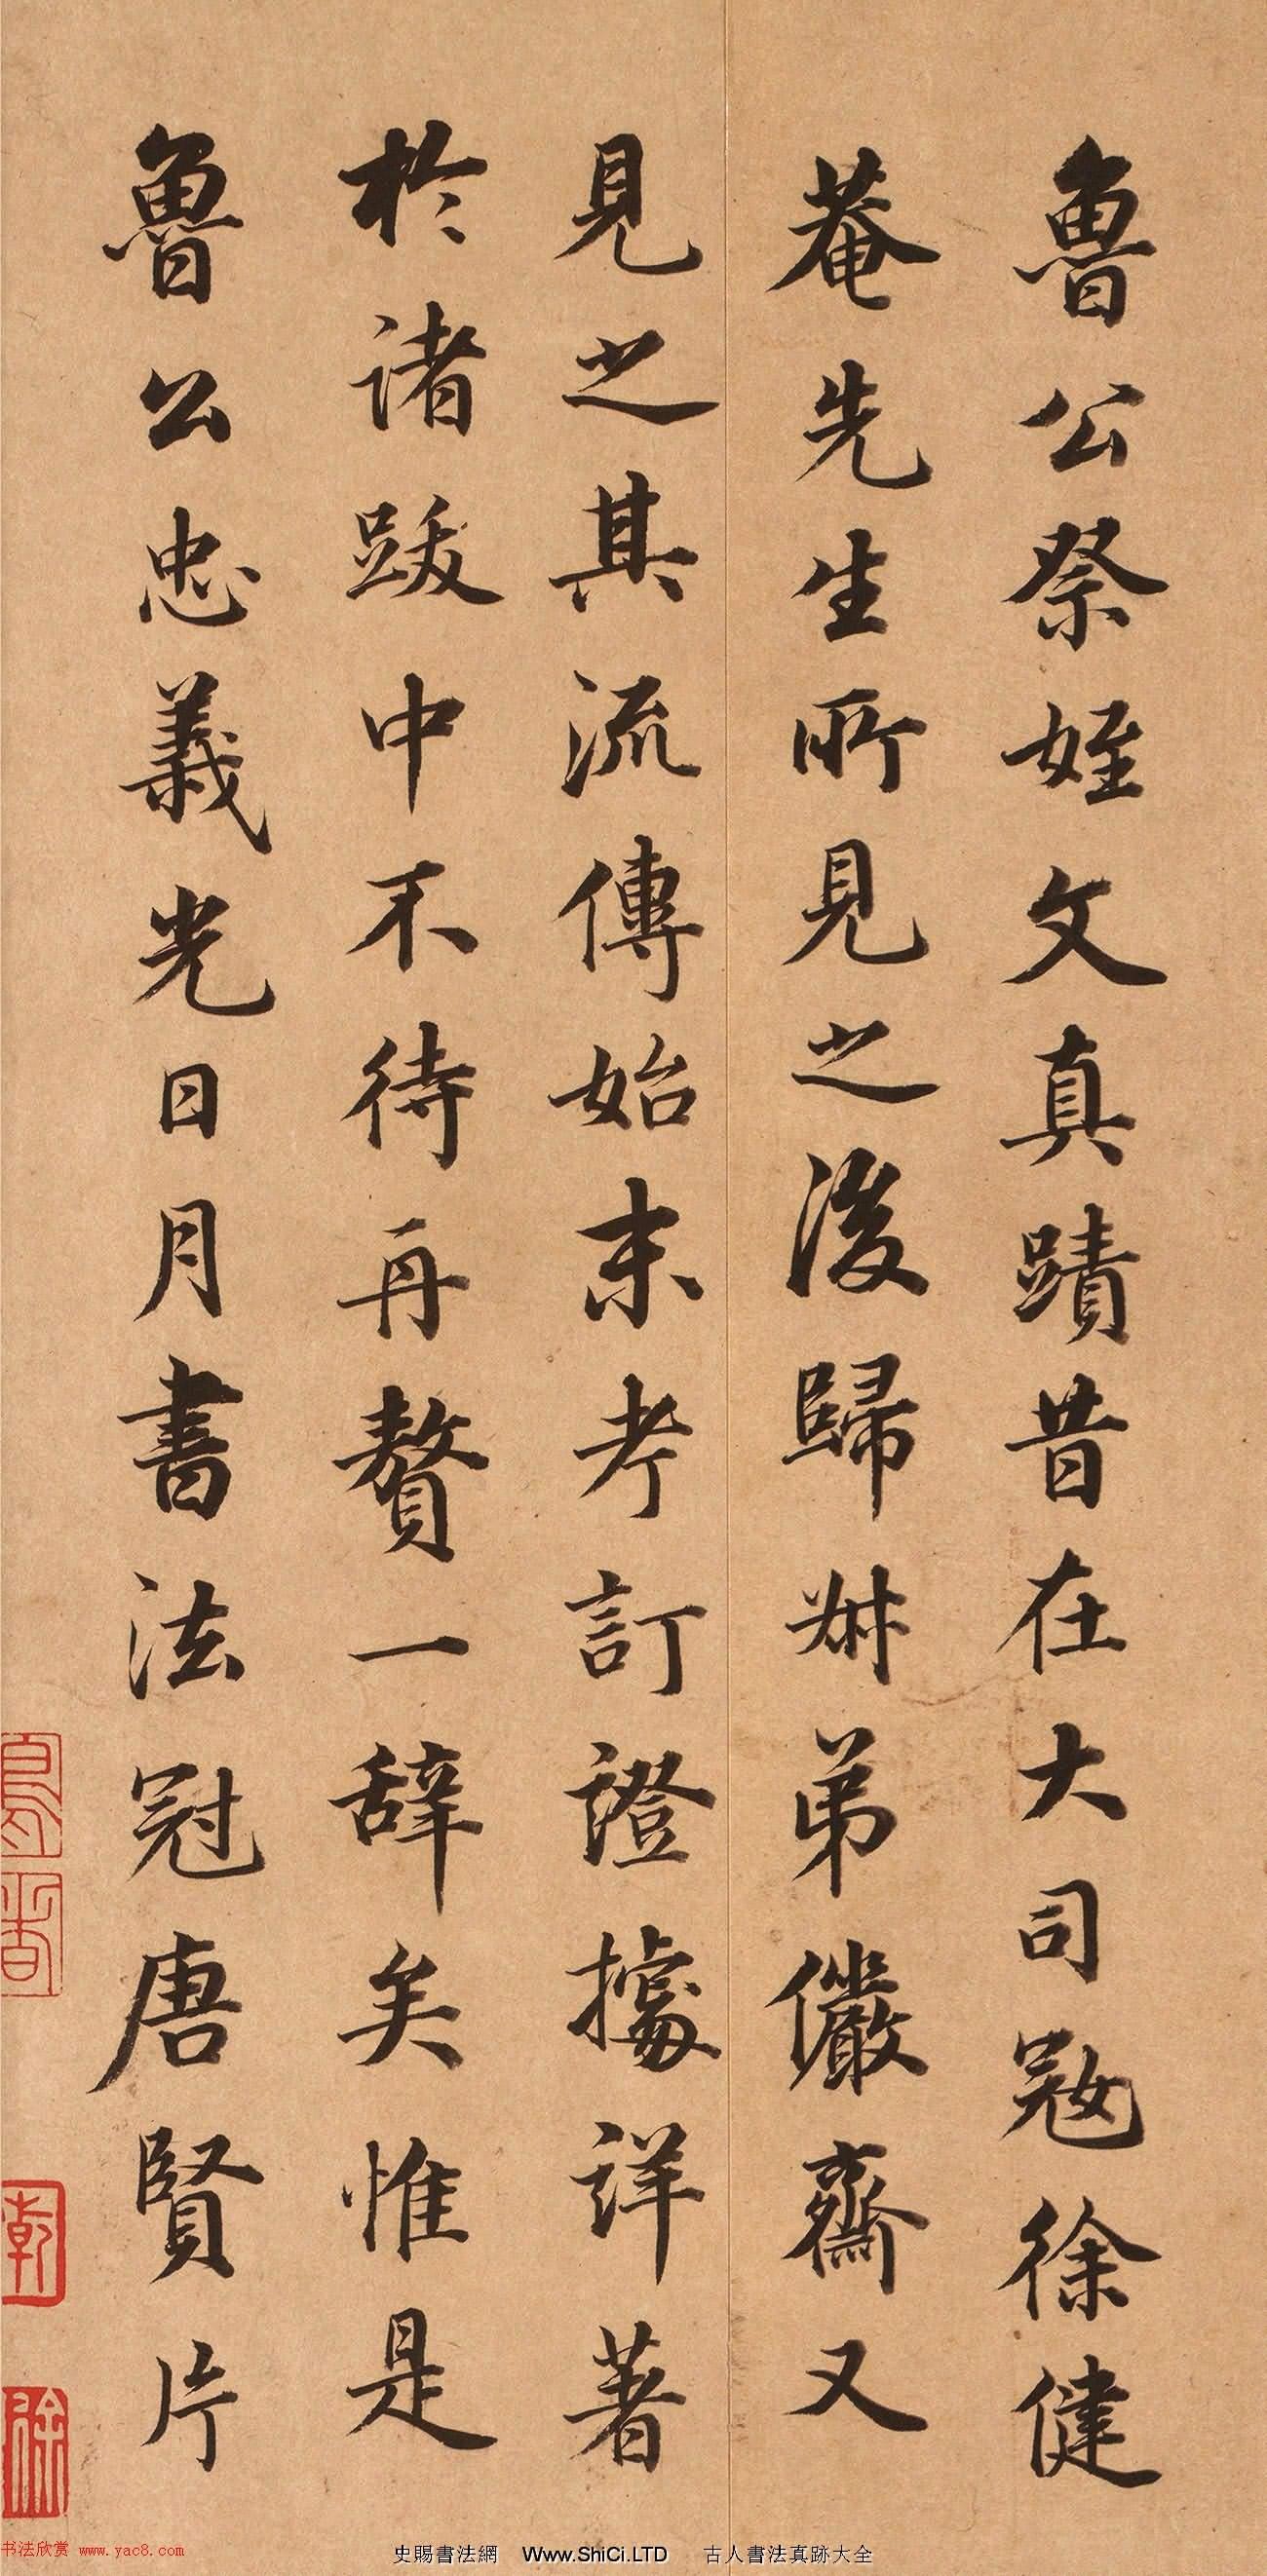 清代大臣王頊齡書法墨跡真跡欣賞(共6張圖片)